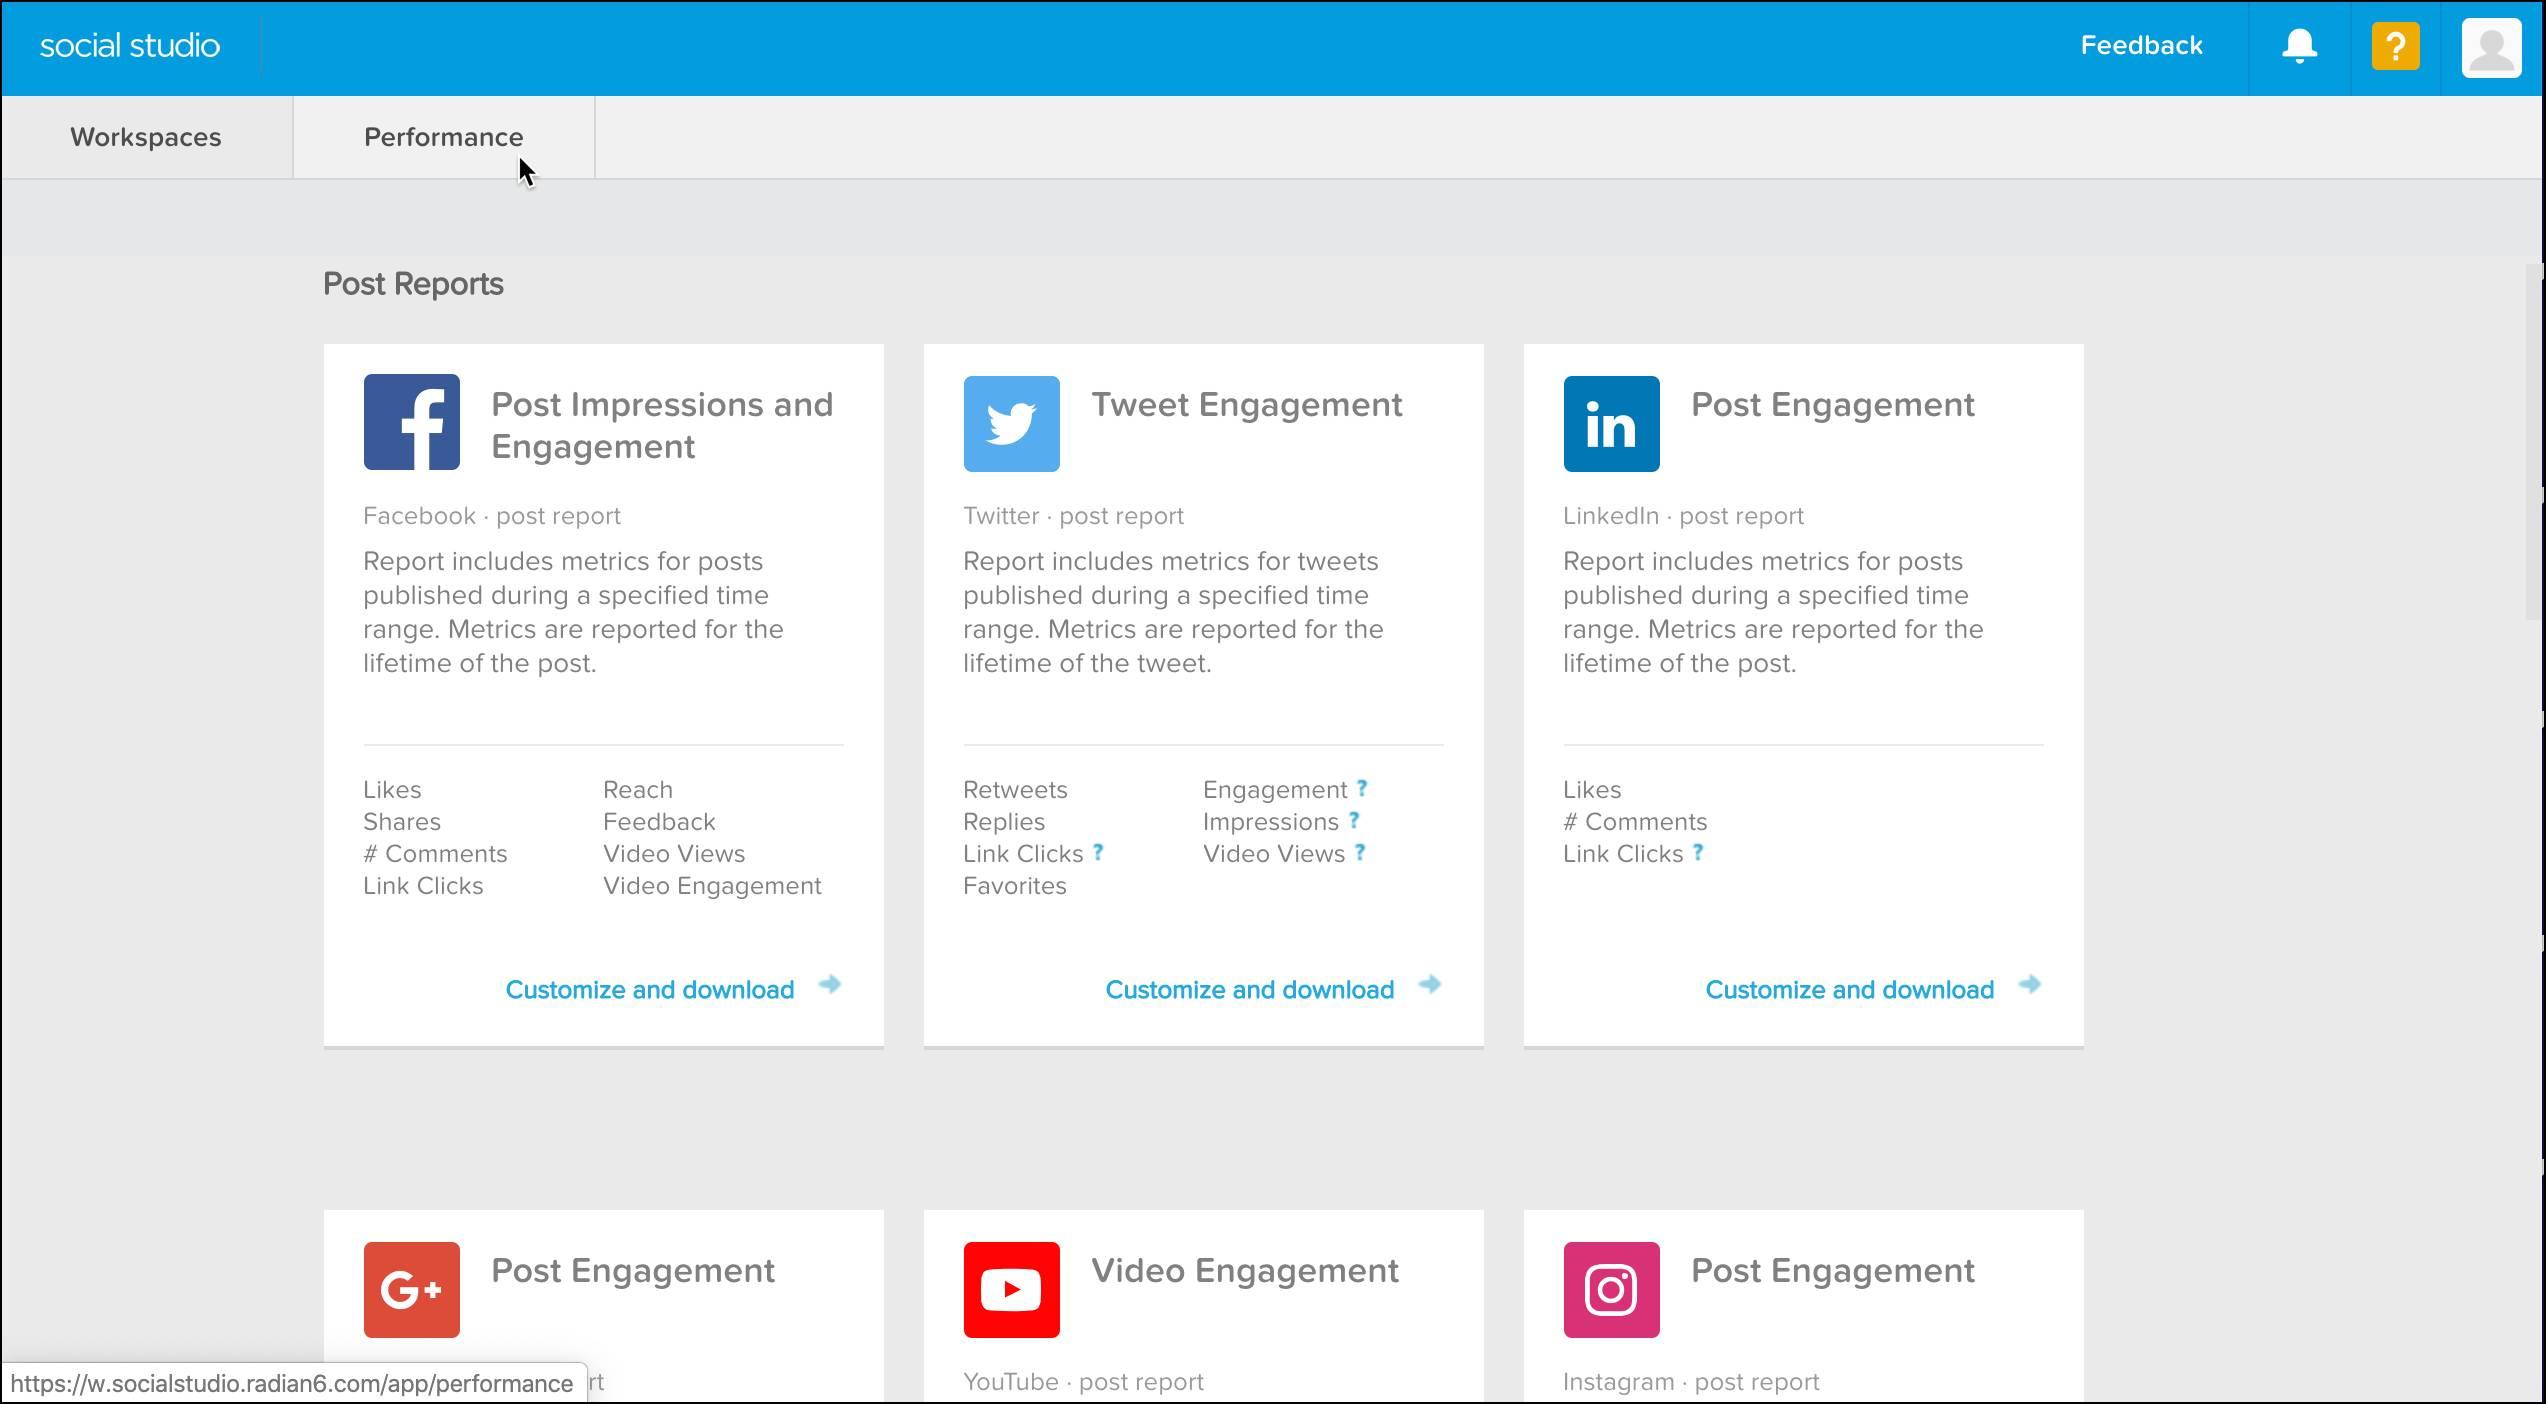 [パフォーマンス] タブインターフェースには、さまざまなソーシャルチャネル (Facebook、Twitter、YouTube など) での投稿レポートのコレクションが表示されます。